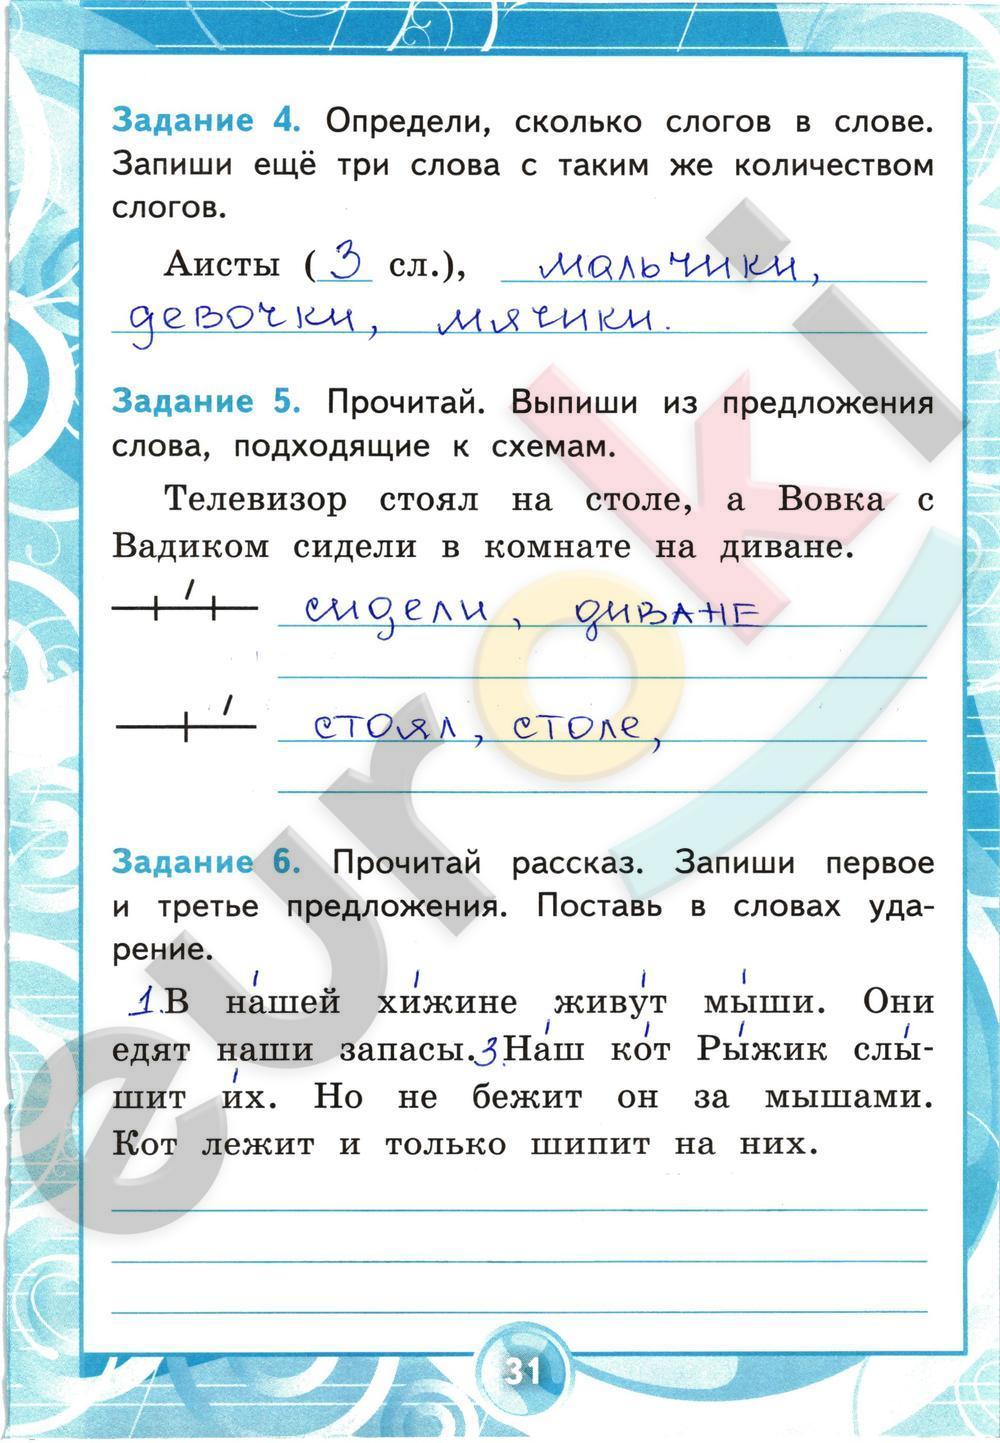 контрольным гдз языку 2 класс работам по по часть русскому 3 о.н.крылова